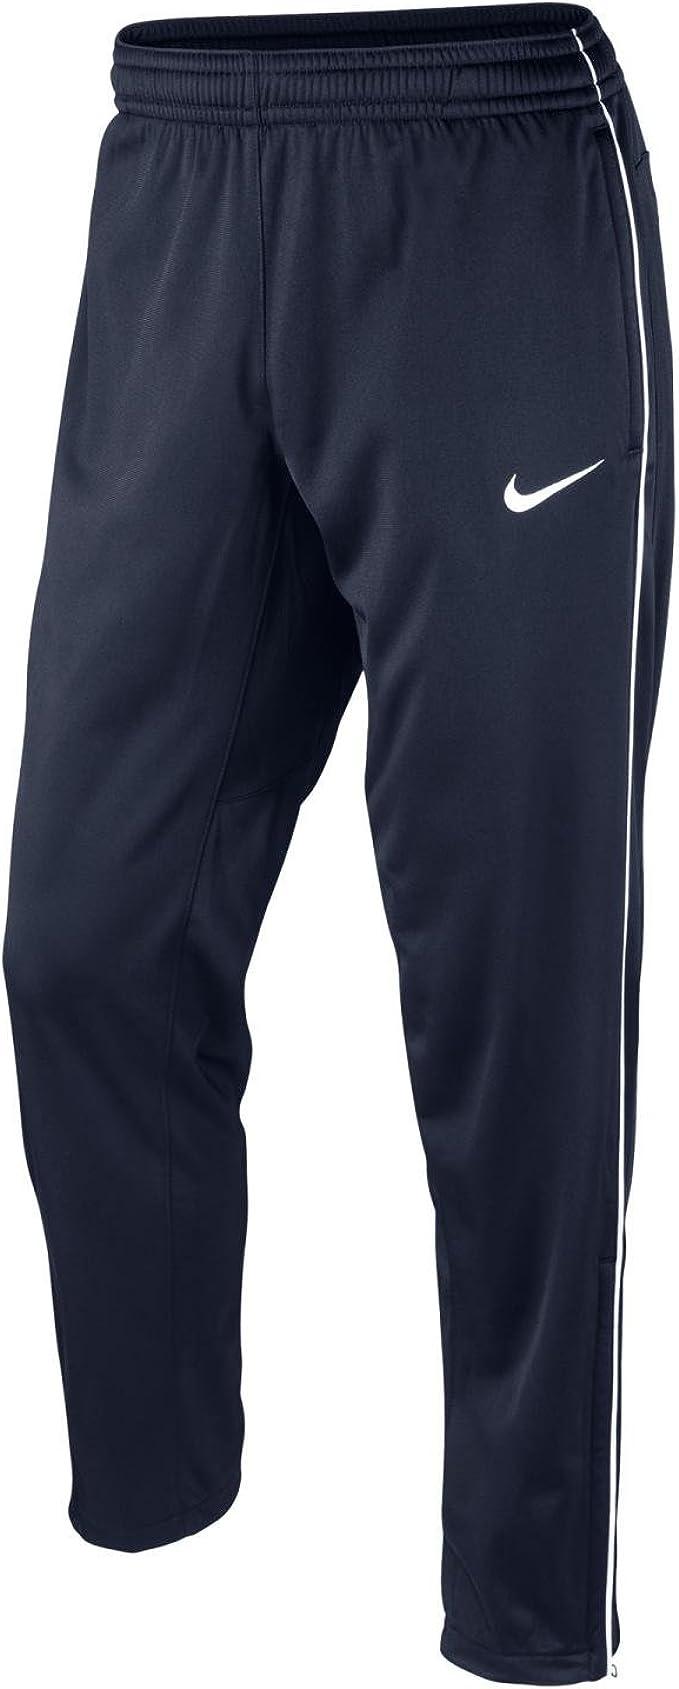 NIKE - Pantalón de chándal para Hombre